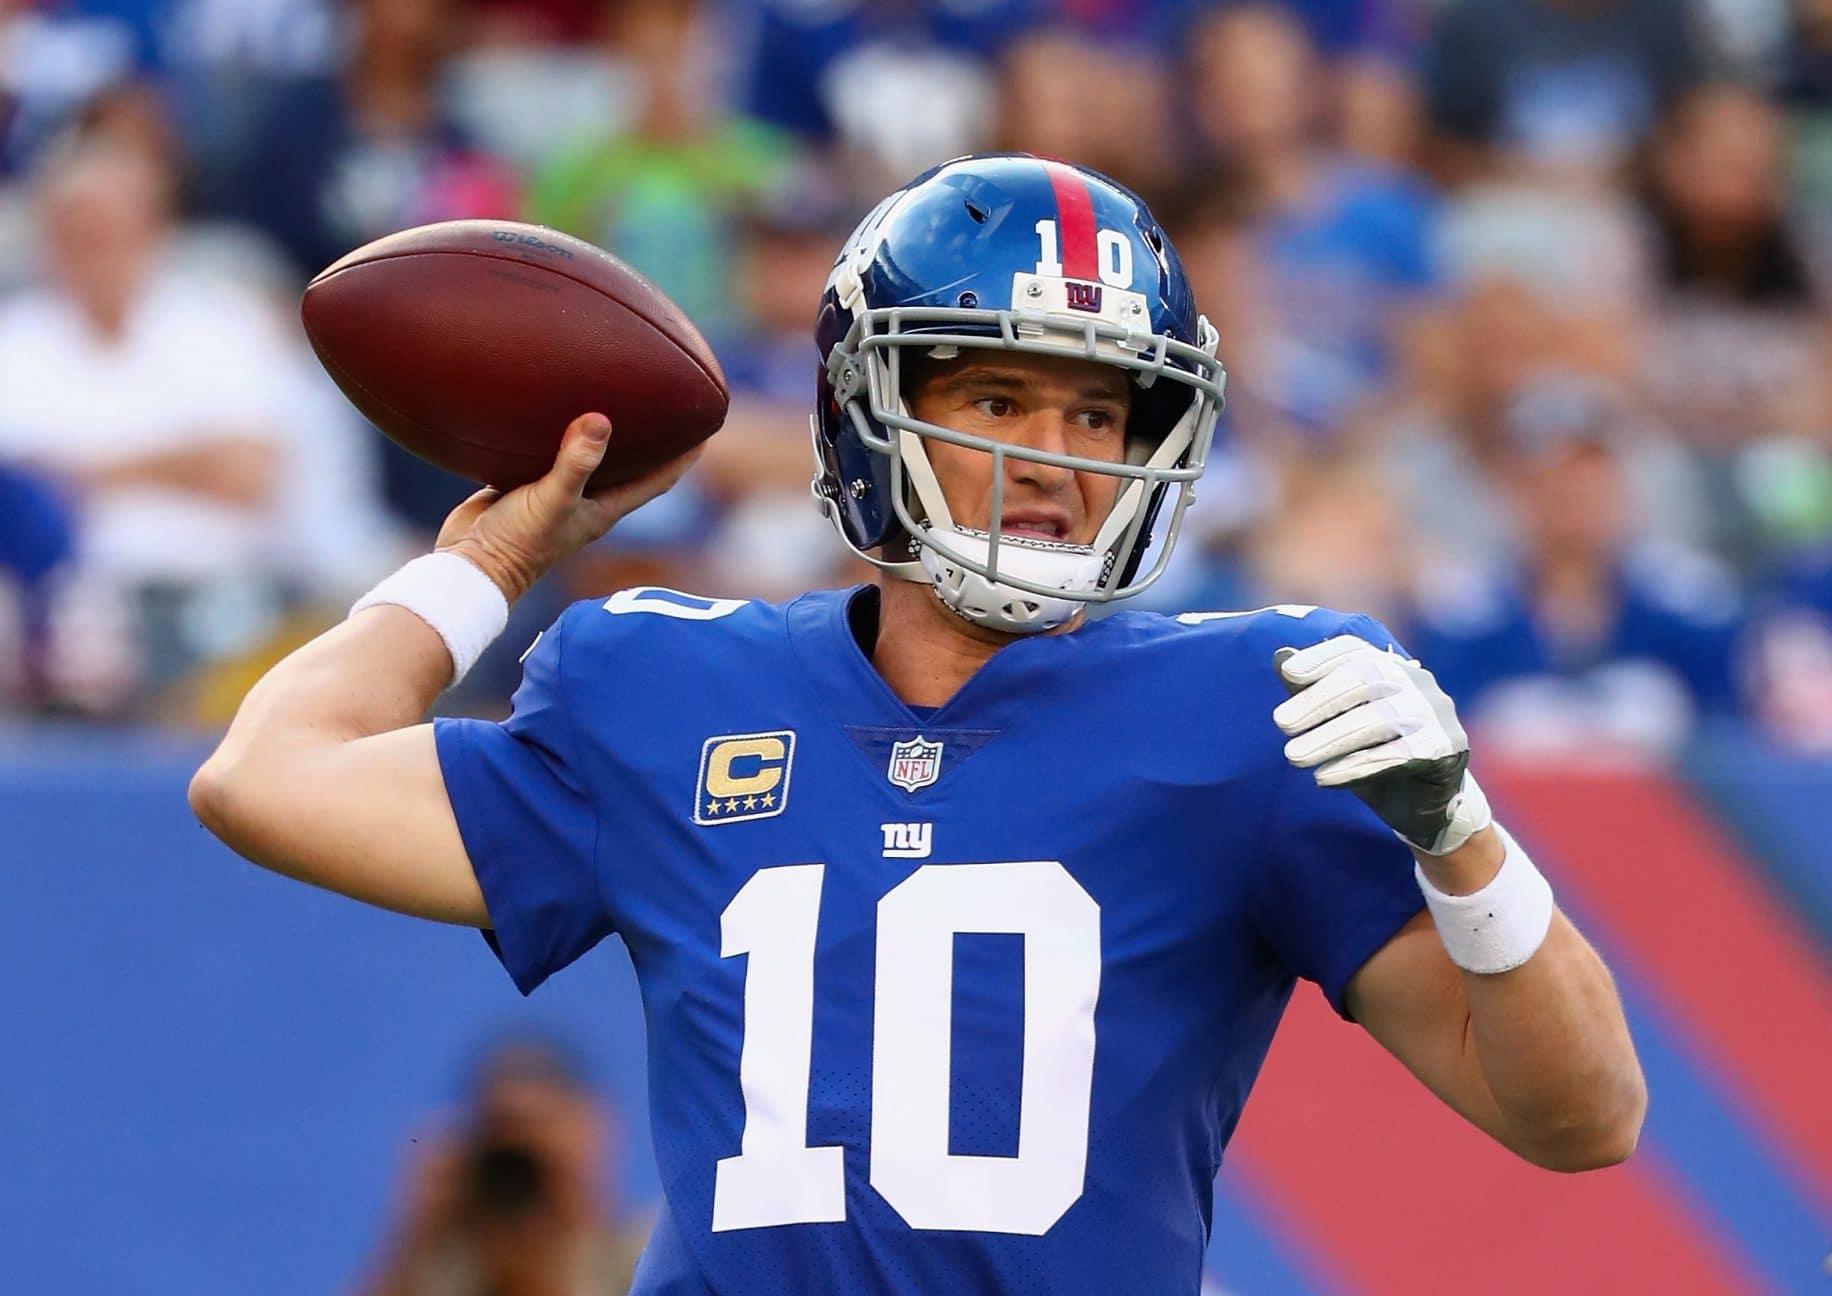 Eli Manning, New York Giants, NFL